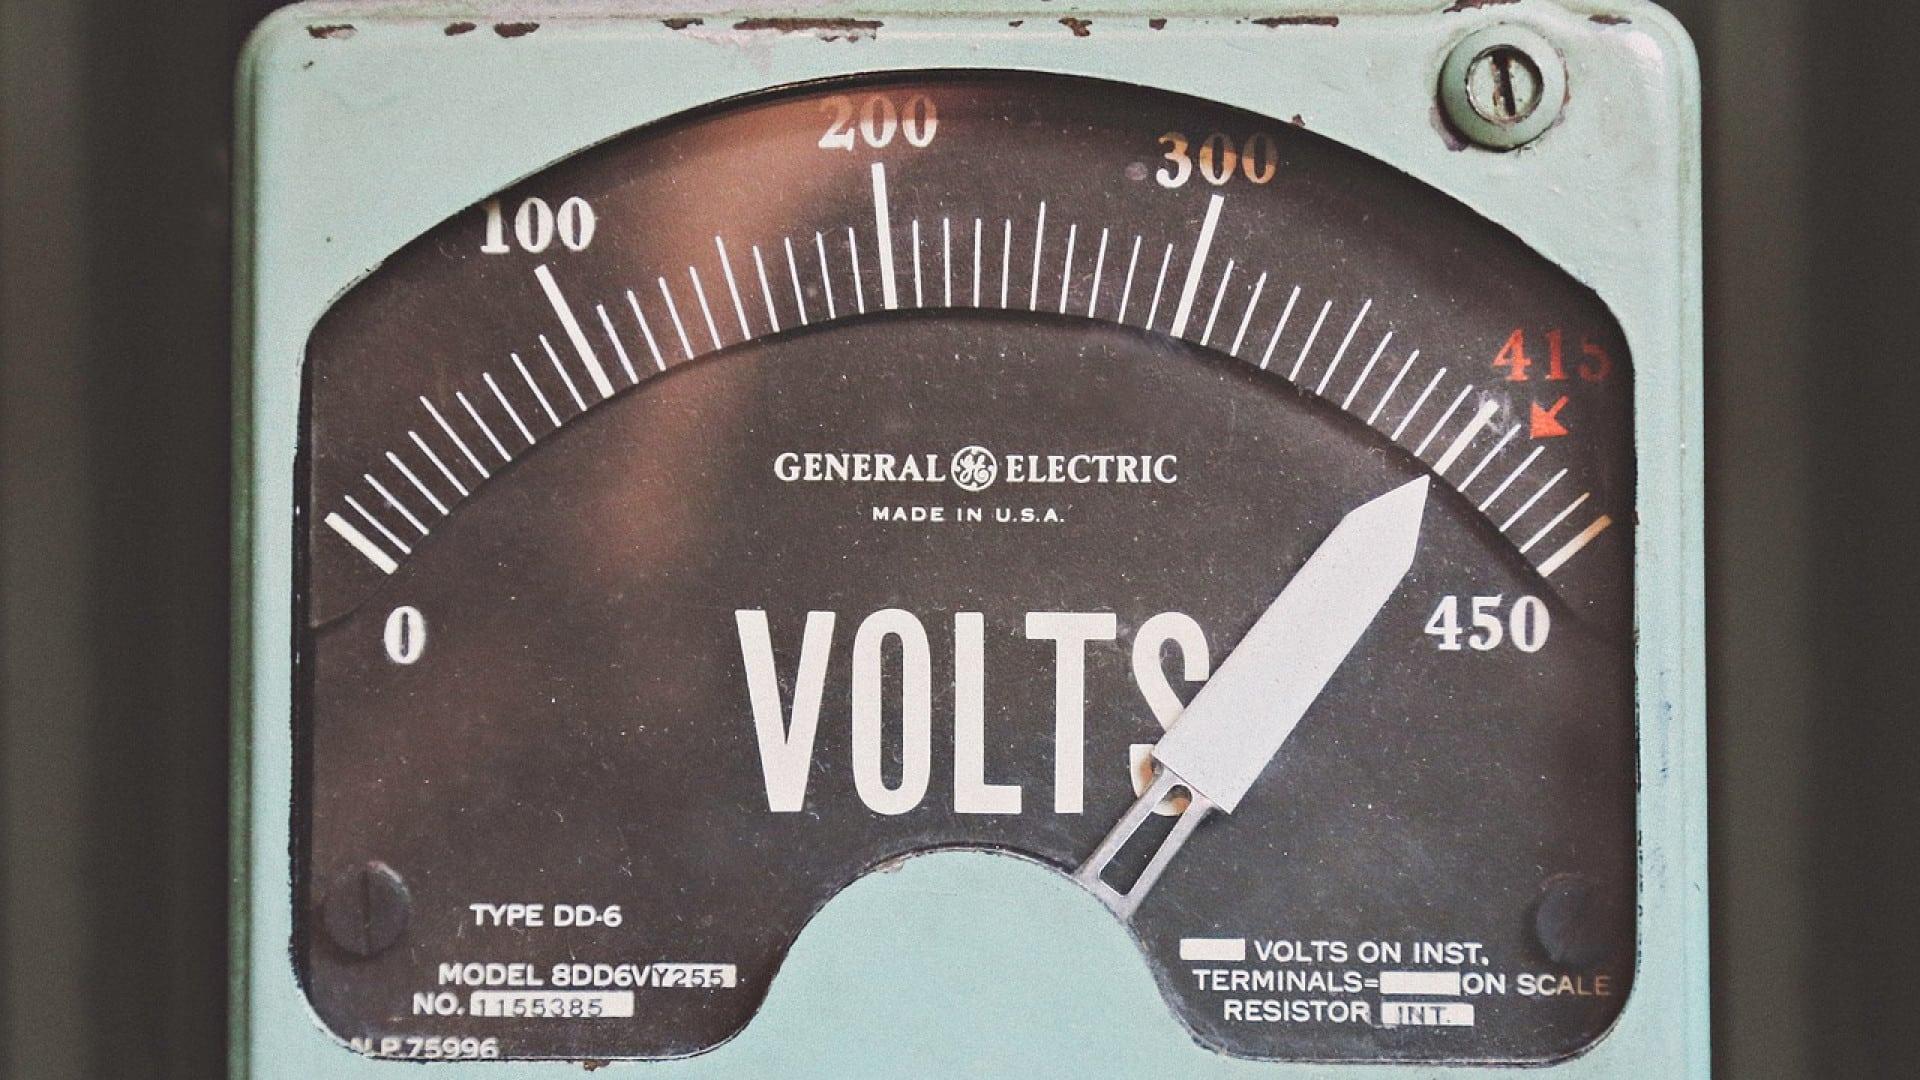 Comment obtenir une habilitation électrique dans le cadre de la formation continue ?